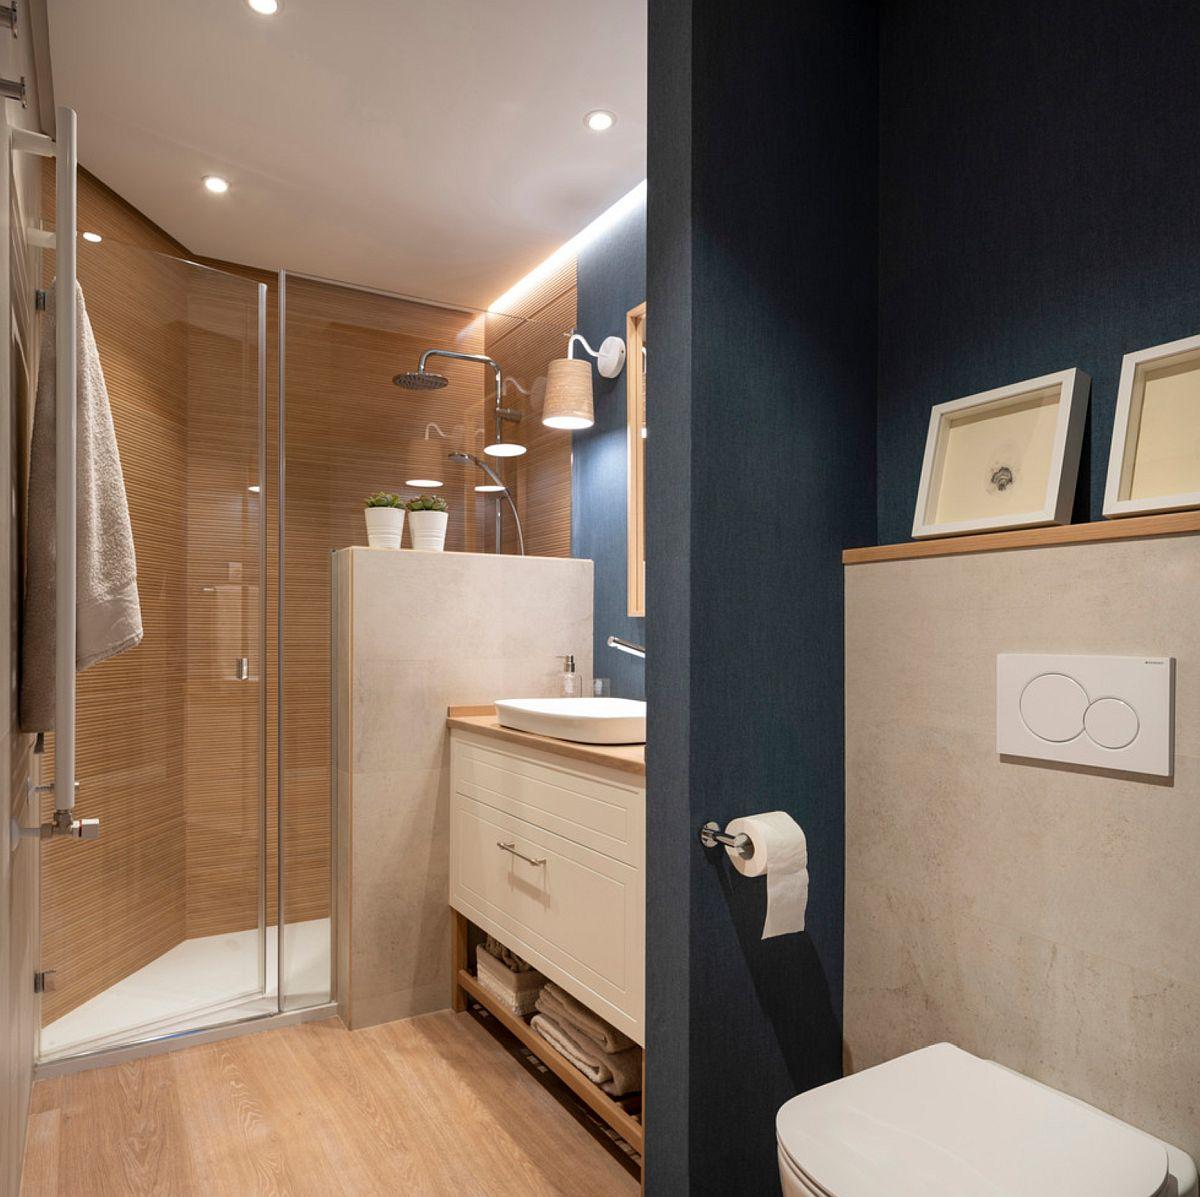 Spațiul lung și îngust a fost exploatat pentru înșiruirea funcțiunilor din baie. Între duș și vasul de toaletă un generos mobilier realizat ep comandă după proiectul designerilor asigură necesarul pentru depozitare.